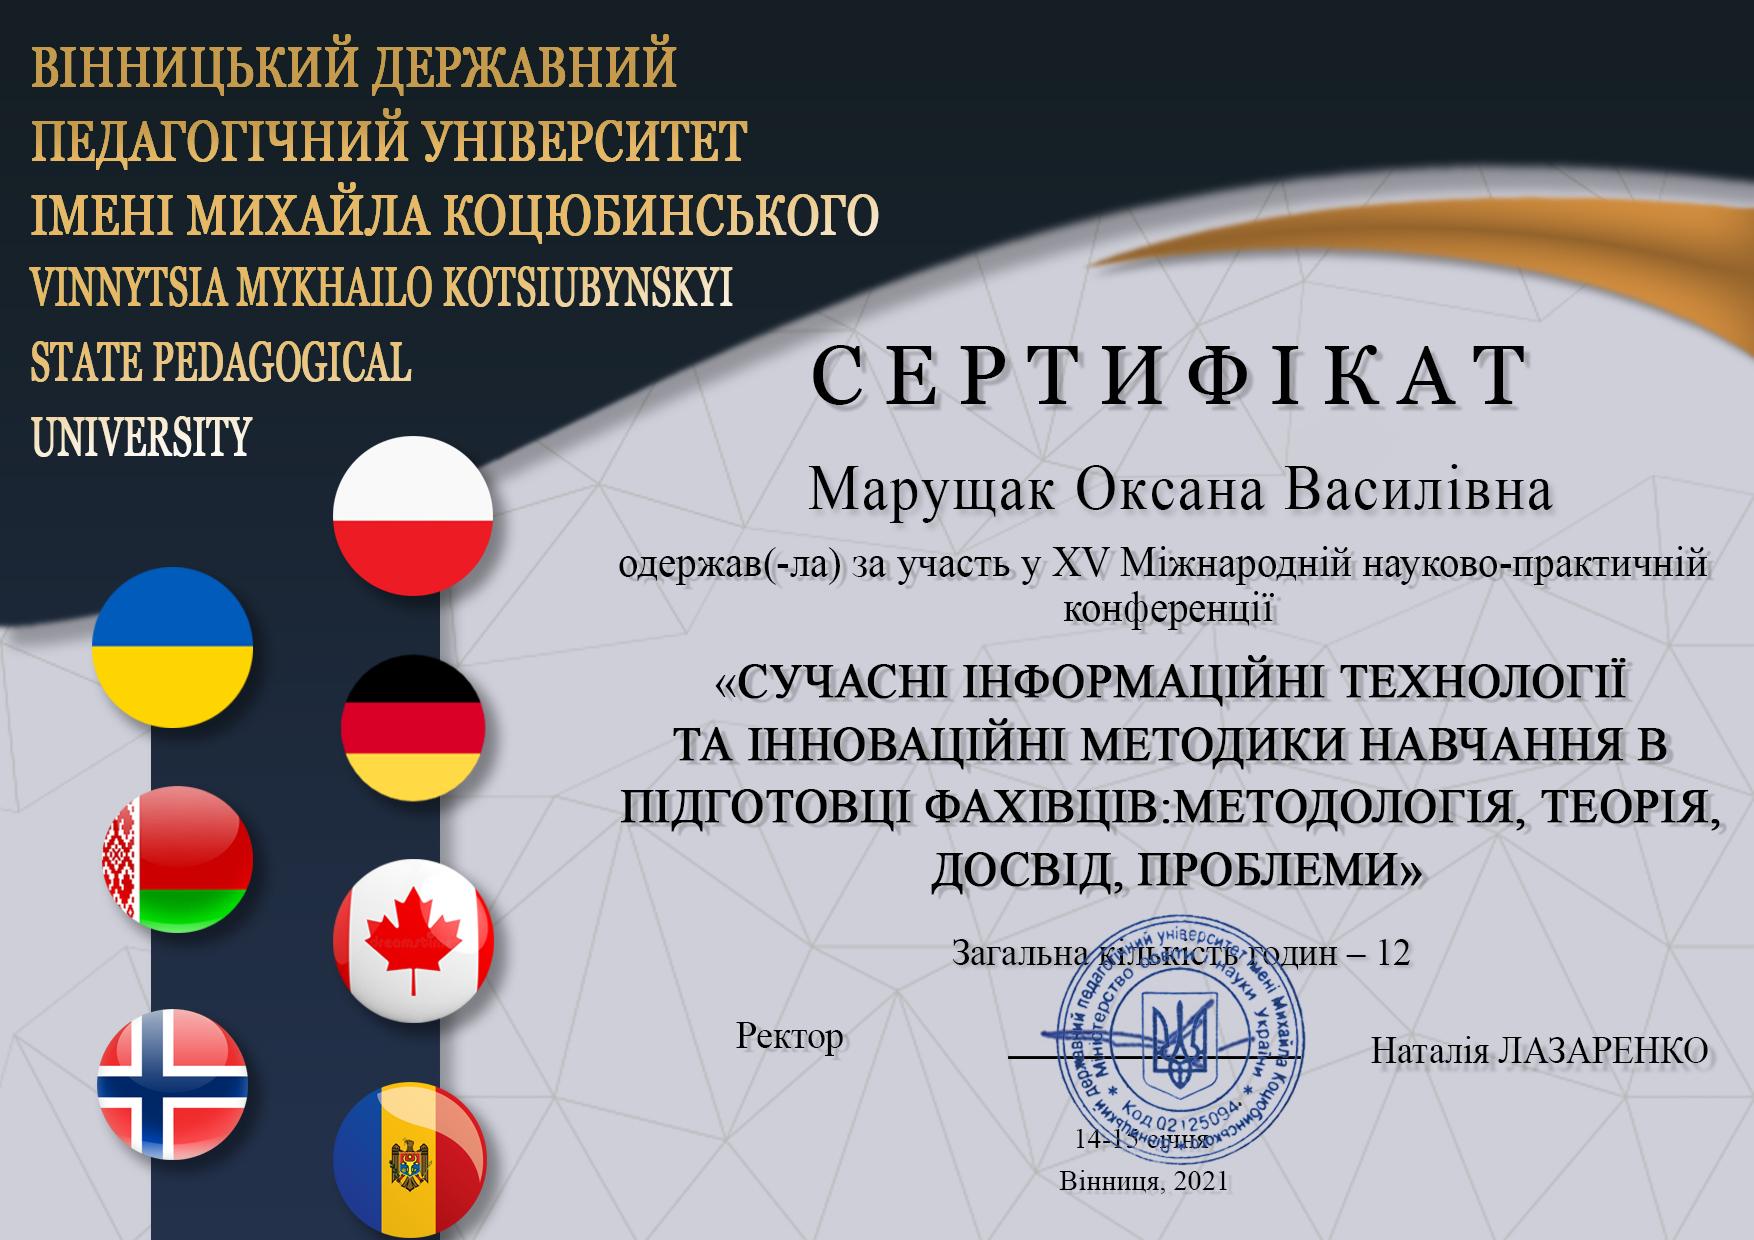 Марущак Оксана Василівна